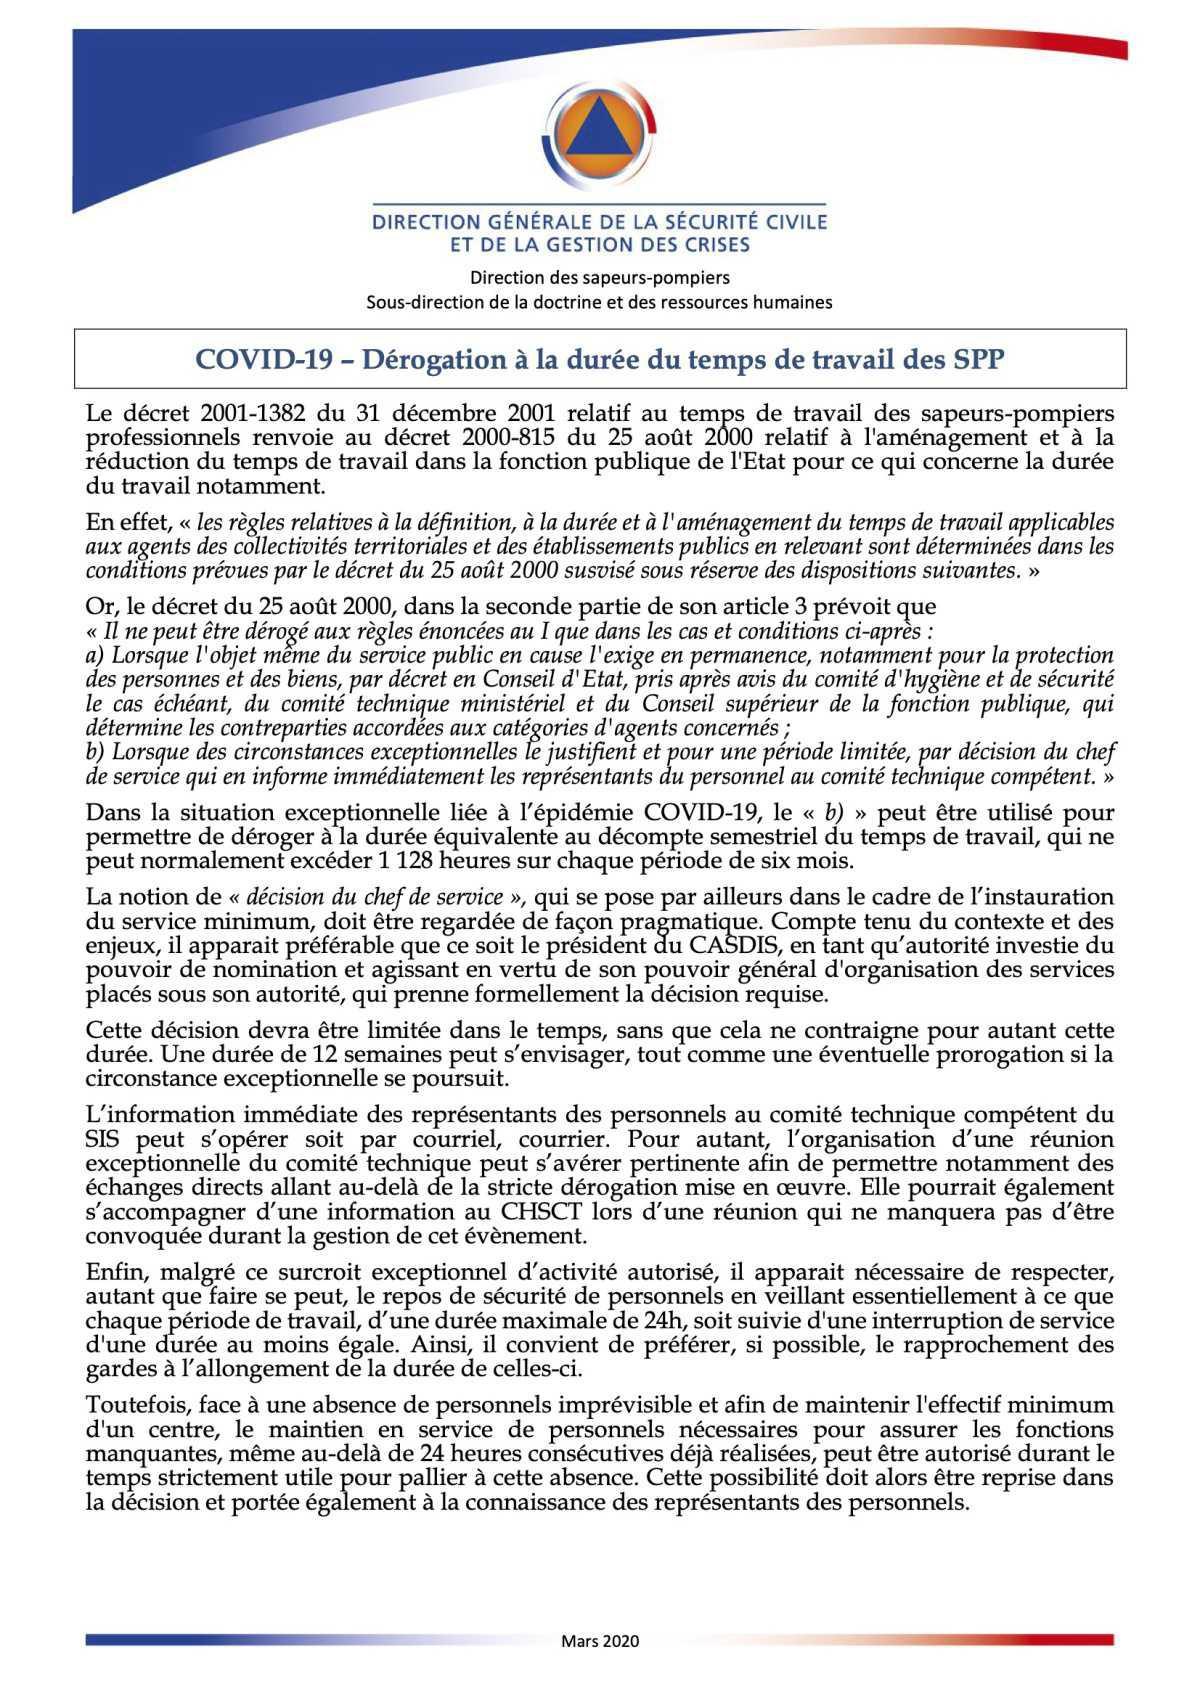 COVID-19 – Dérogation à la durée du temps de travail des SPP